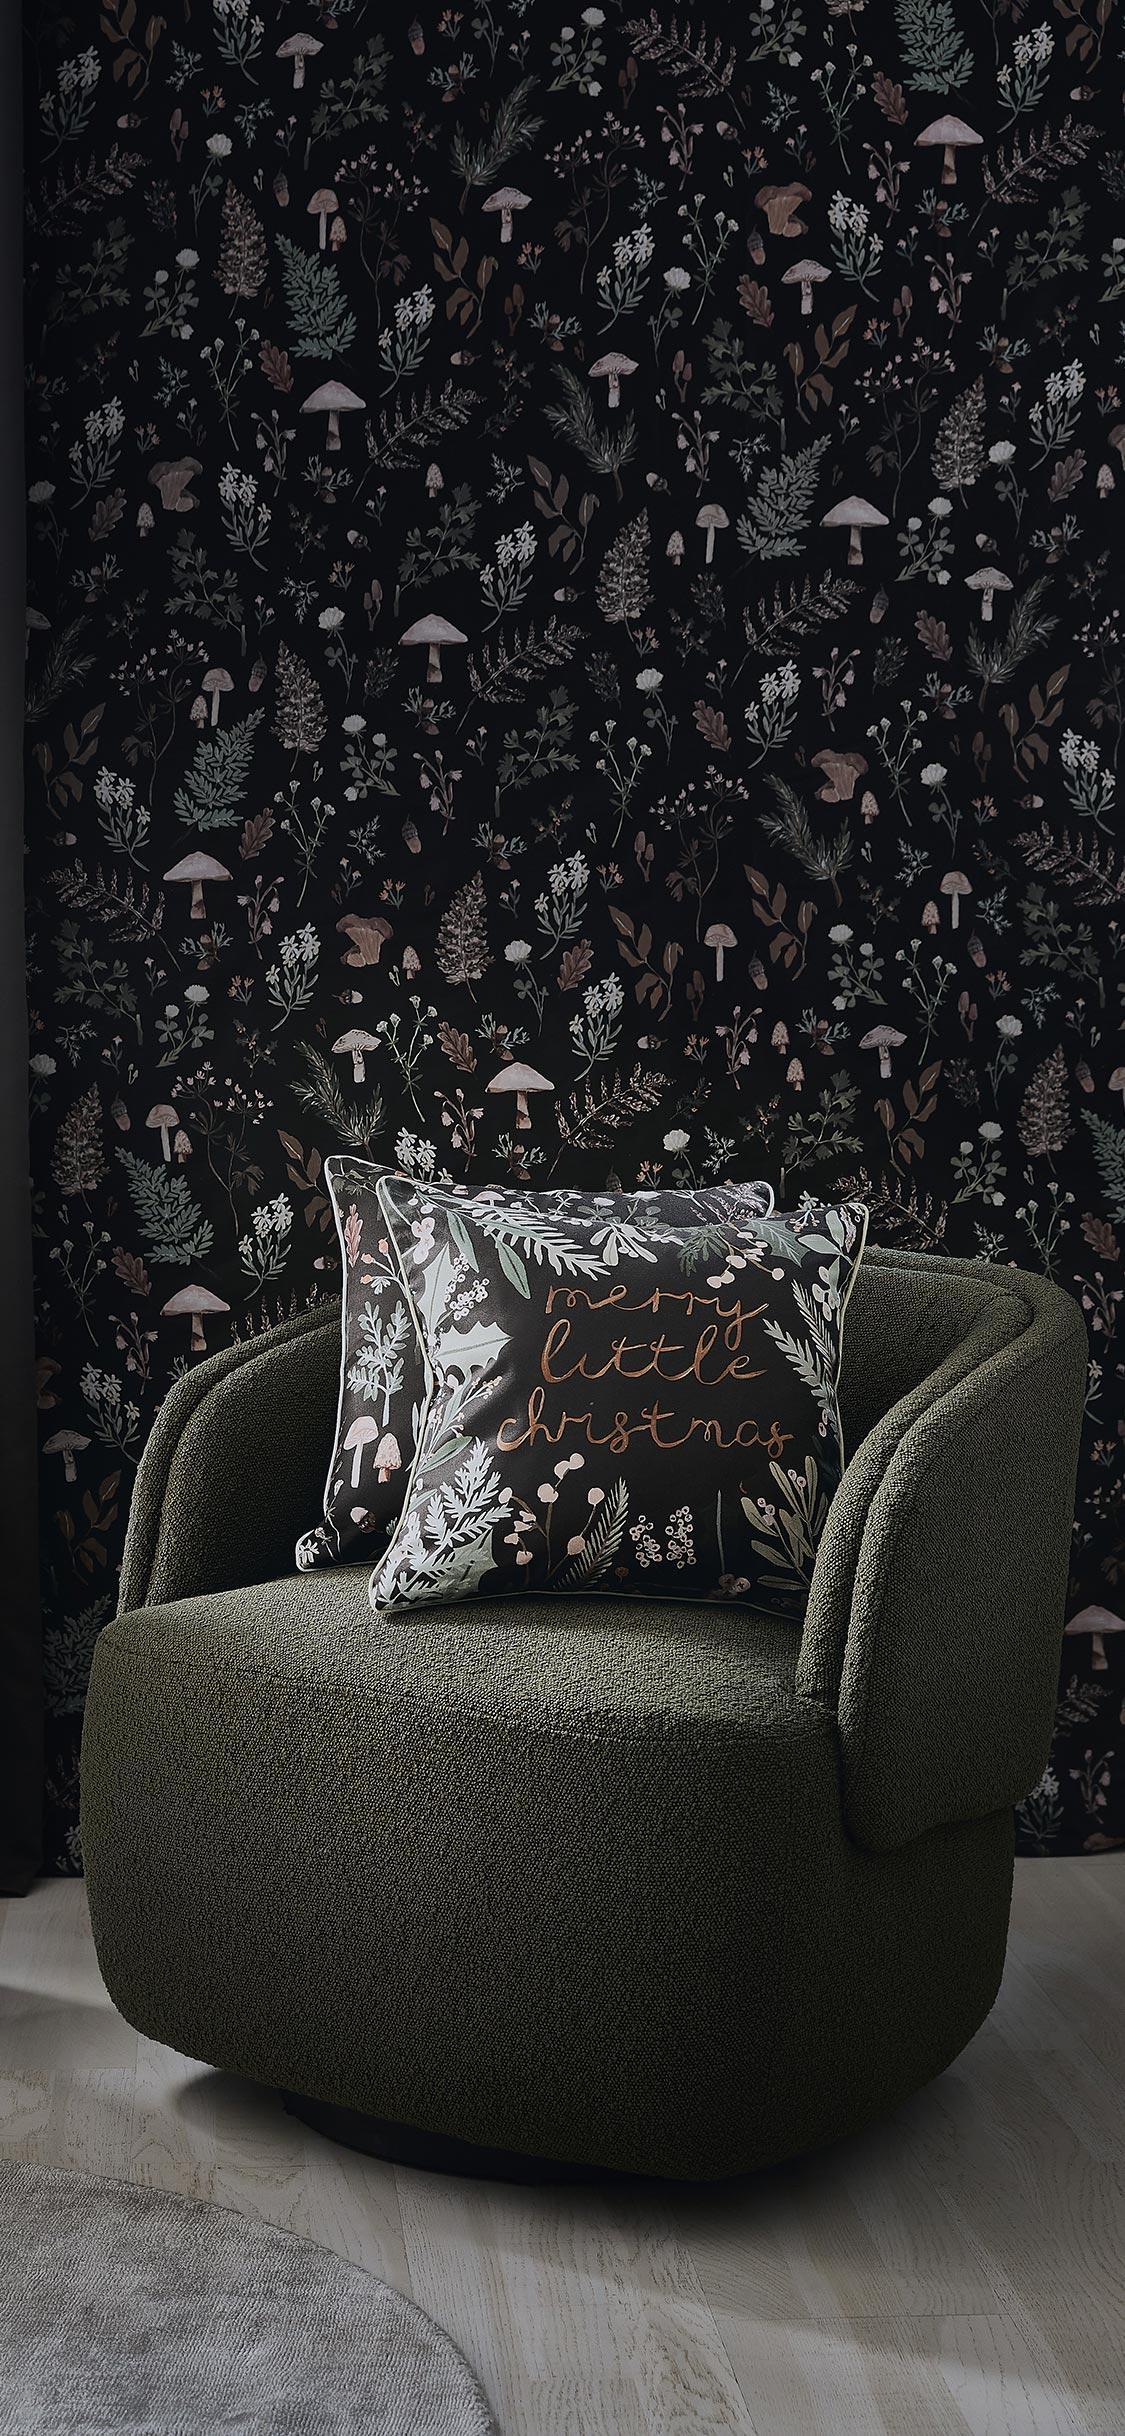 Tło świąteczne na telefon ze zdjęciem ciemnego salonu z zielonym fotelem i czarną tapetą w drobne kwiaty